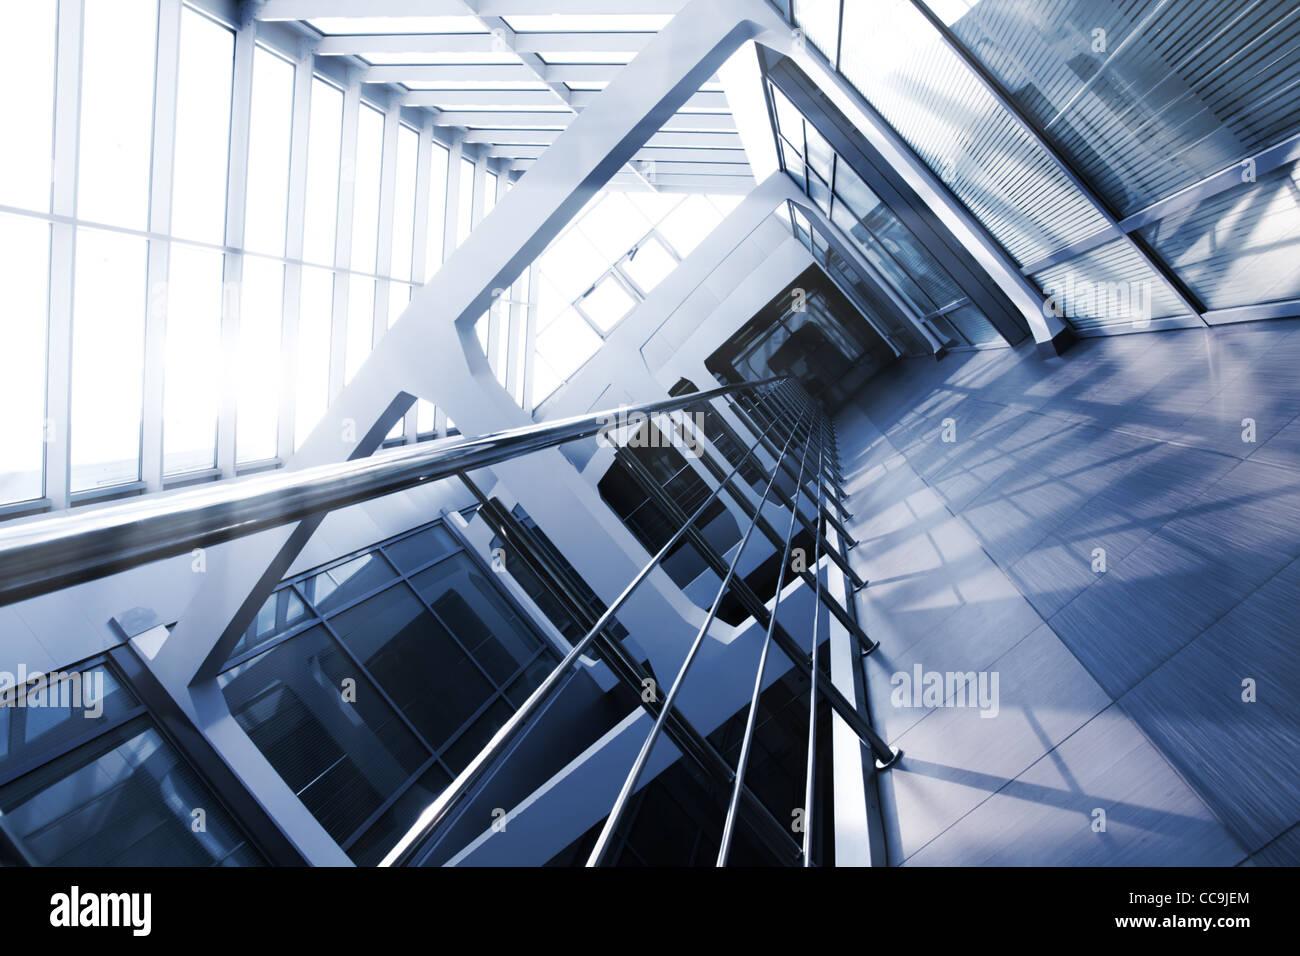 Edificio per uffici interni con un tetto di vetro. Tonalità di blu. Vista di inclinazione. Immagini Stock